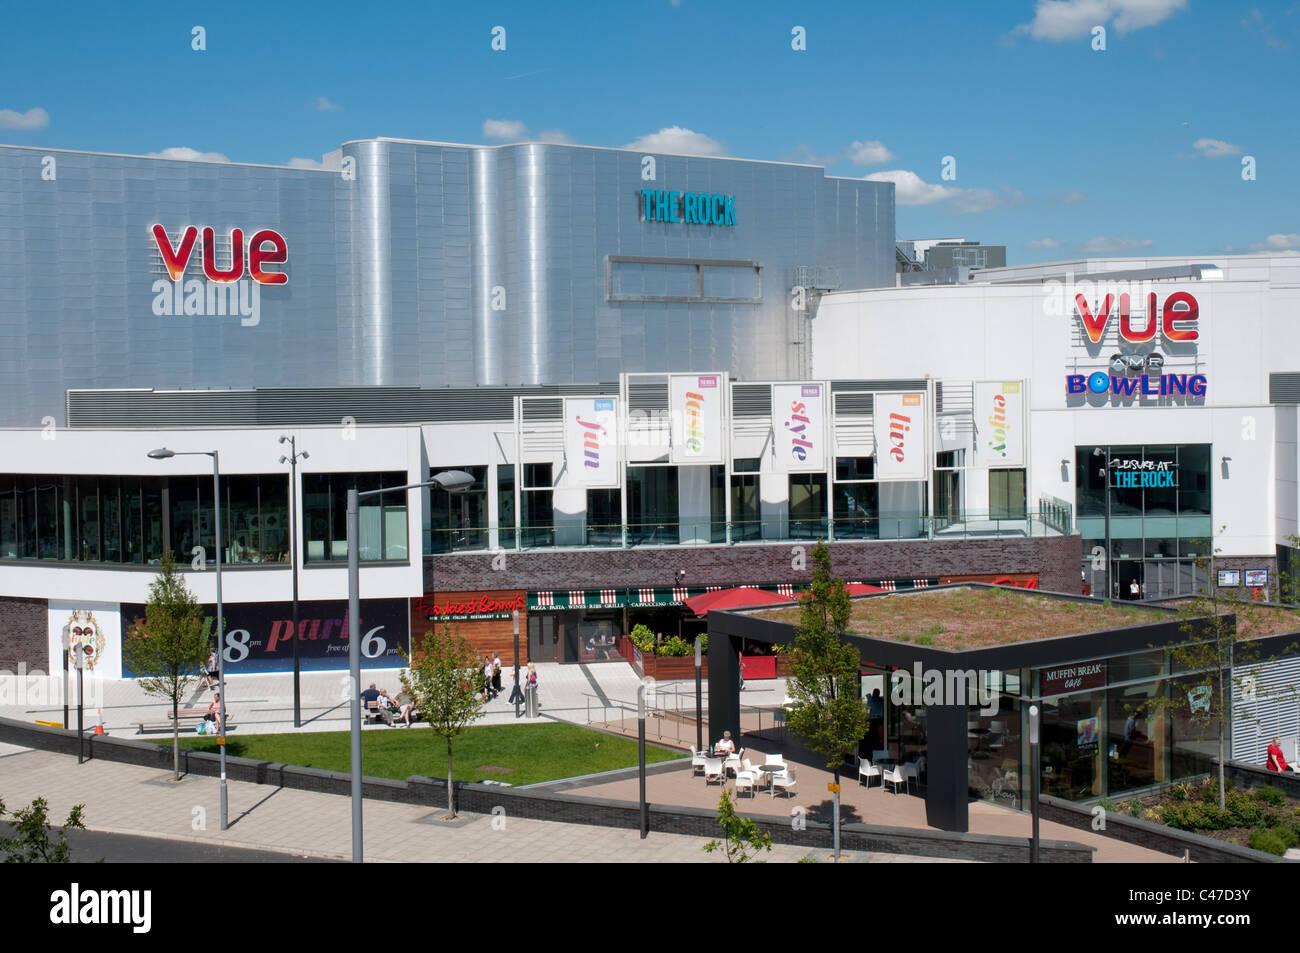 Le Rock,enterrer,Greater Manchester.Ouvert en 2010, le complexe abrite,cinema,détail divertissements et restaurants Photo Stock